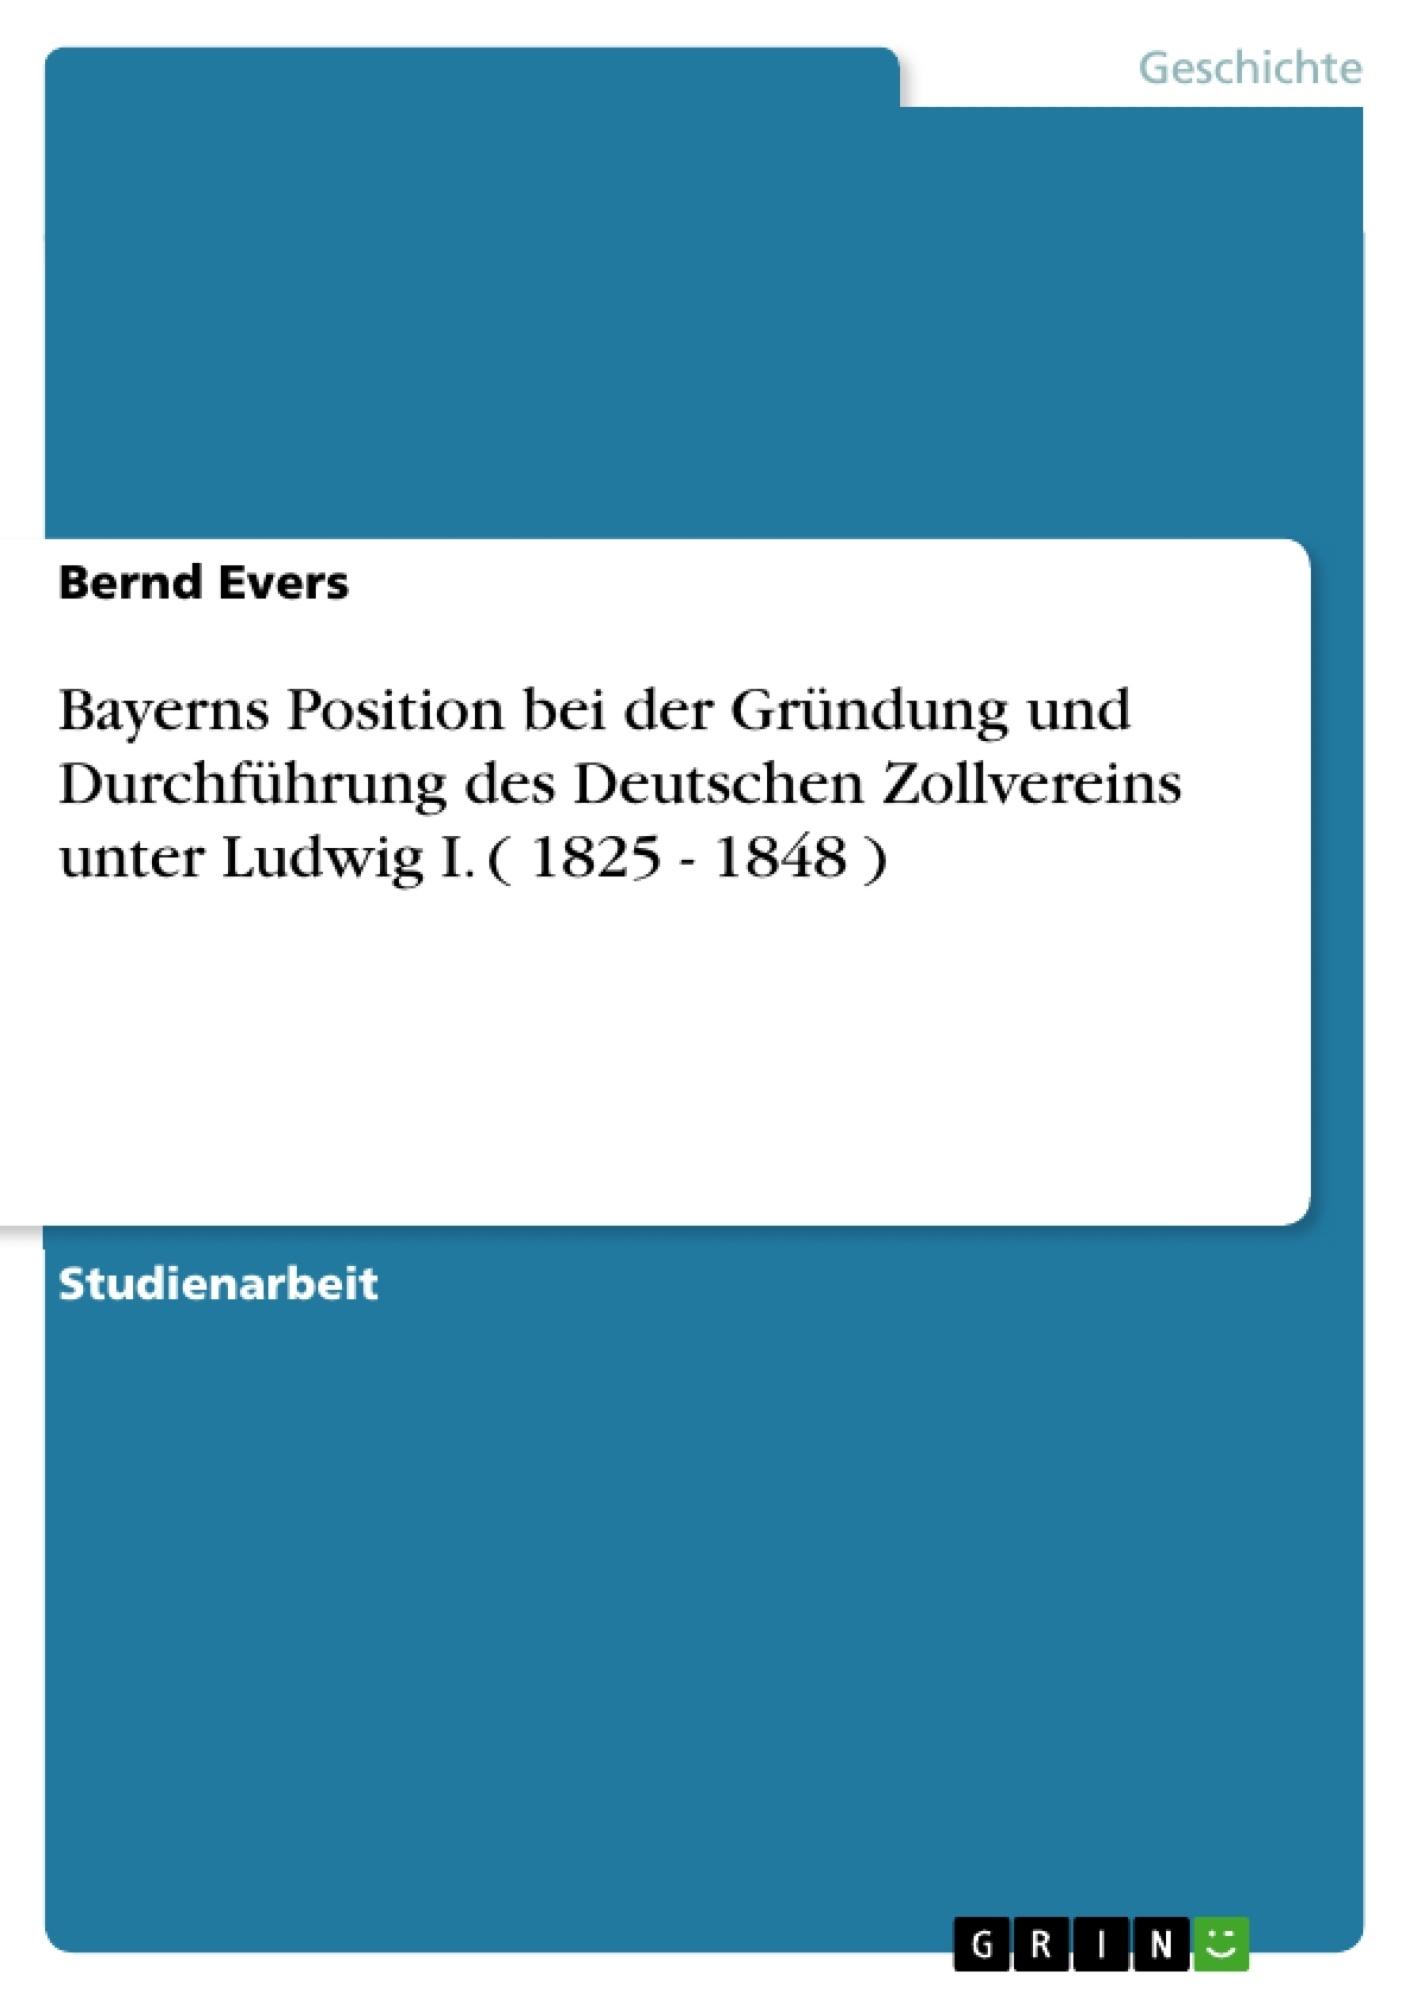 Titel: Bayerns Position bei der Gründung und Durchführung des Deutschen Zollvereins unter Ludwig I. ( 1825 - 1848 )